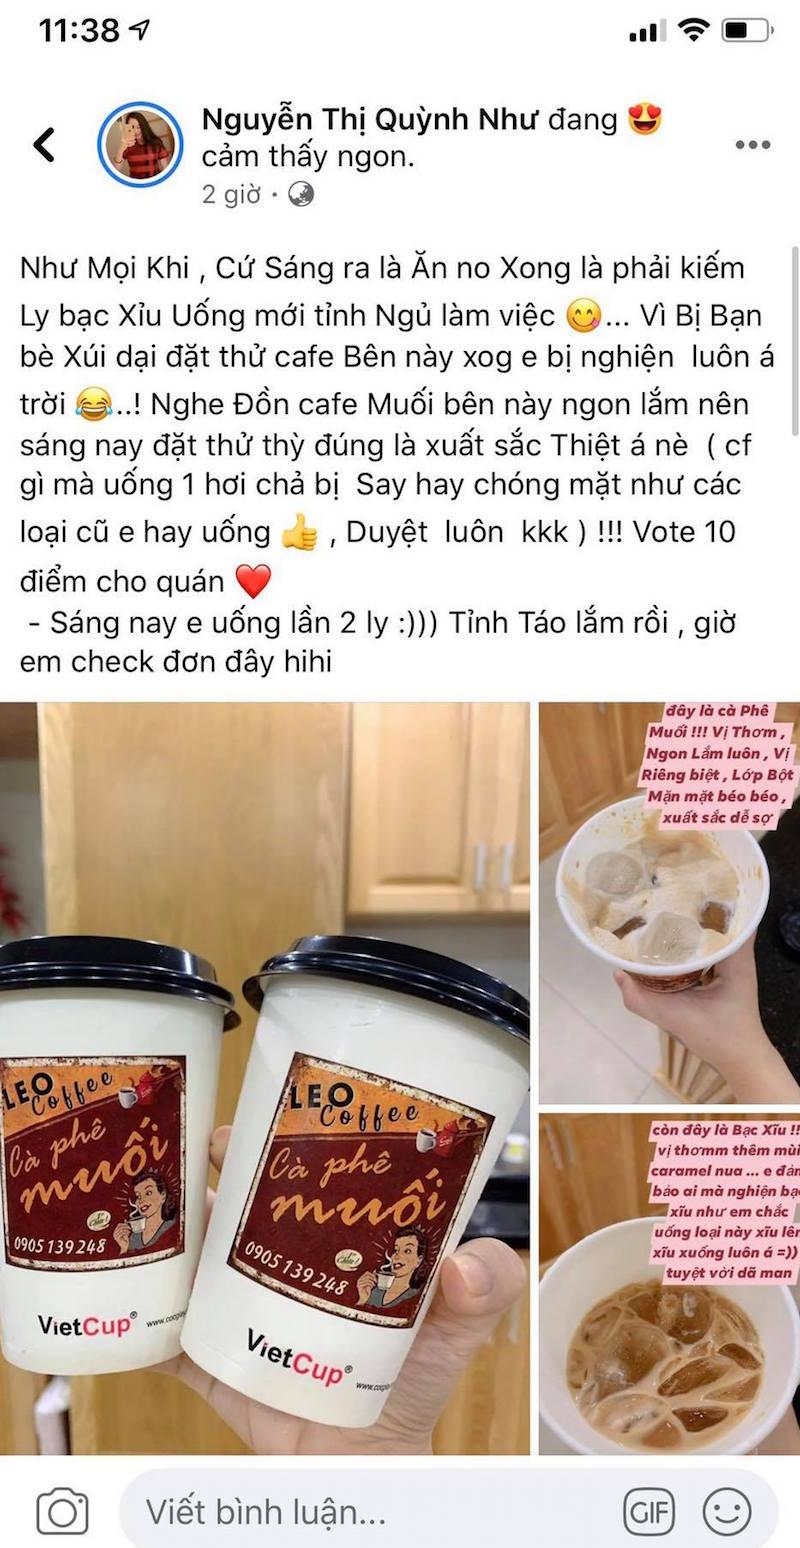 Cô nàng xứ Quảng lấn sang sân kinh doanh mới: Cà phê muối Leo 16